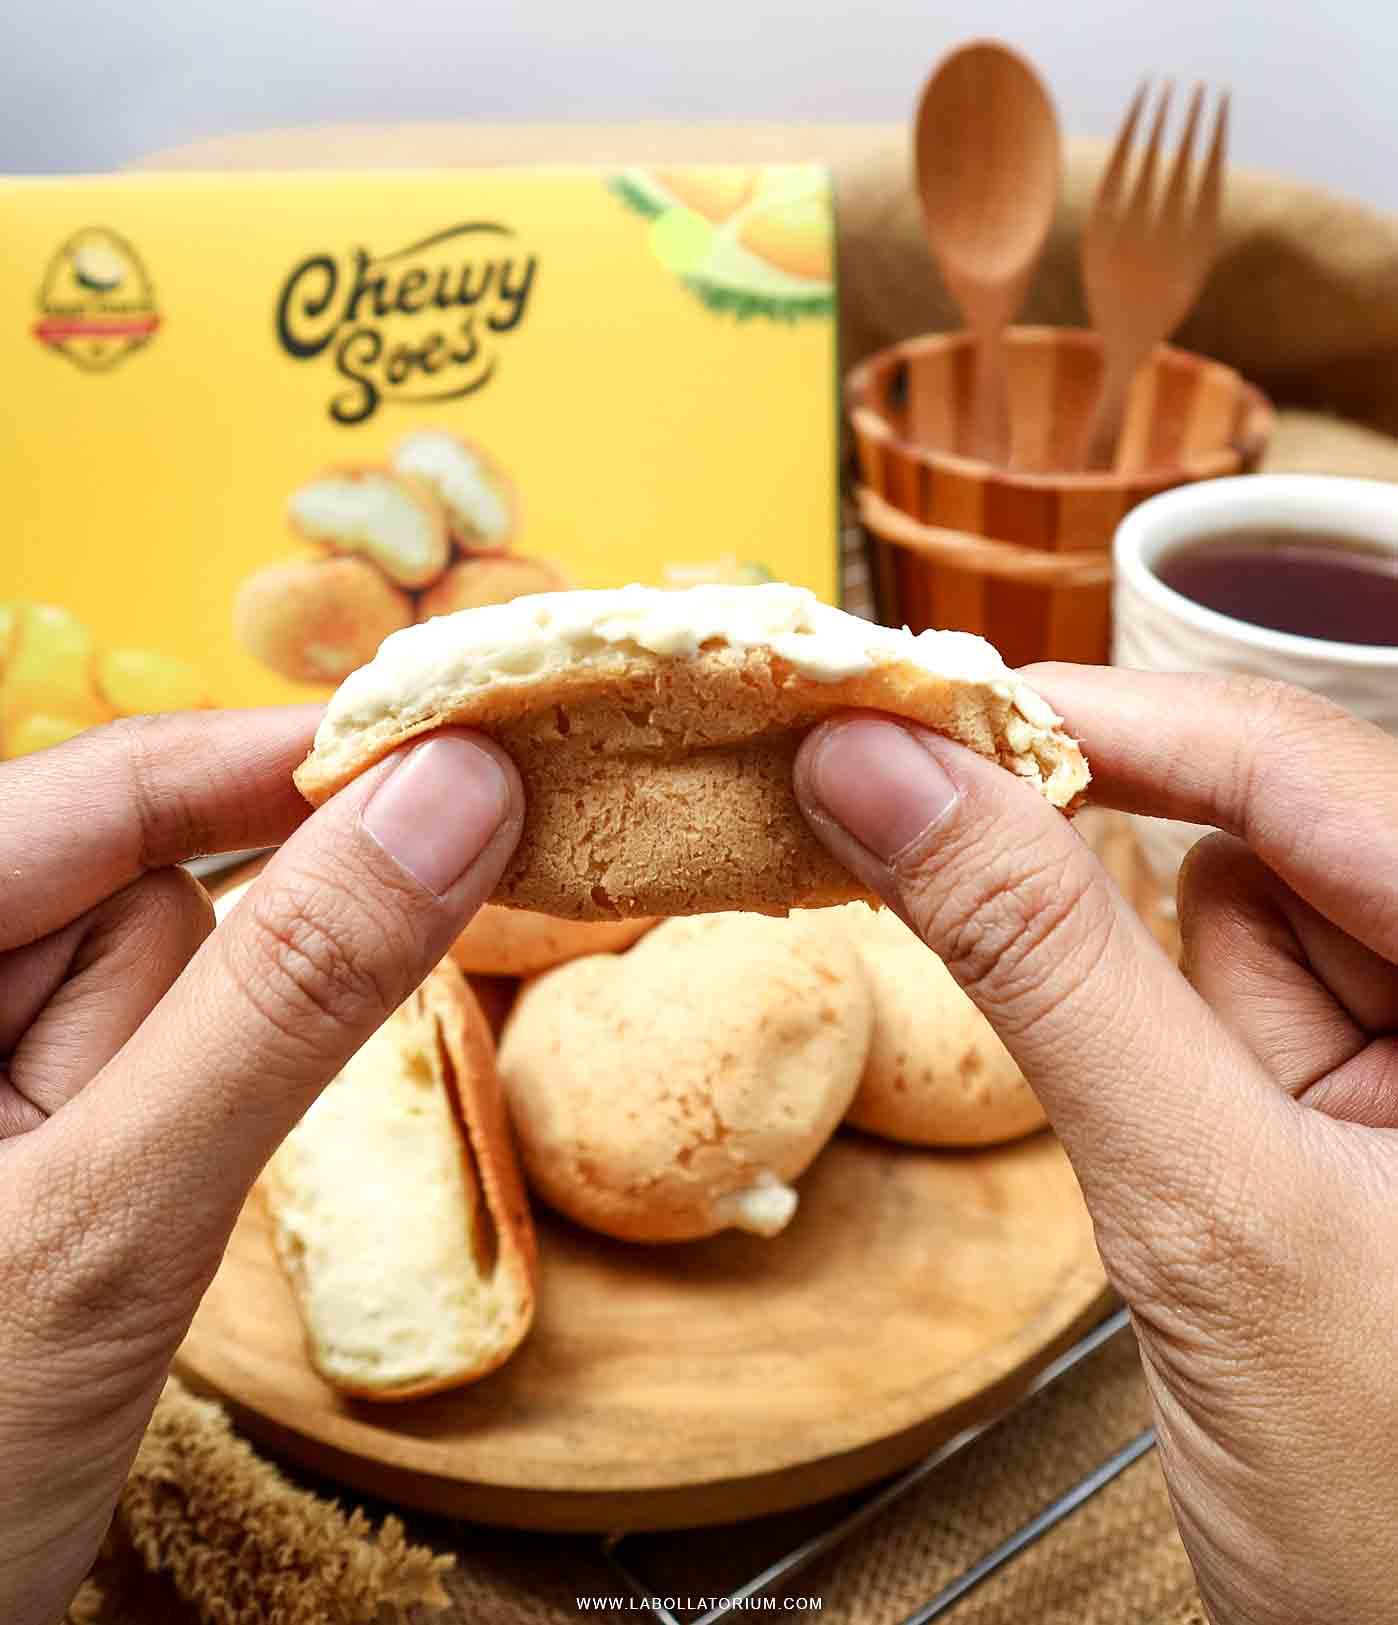 Durian Chewy Soes Choux - Menu Terlaris Belah Doeren Penganan Durian Hits Take Durian To The Next Level